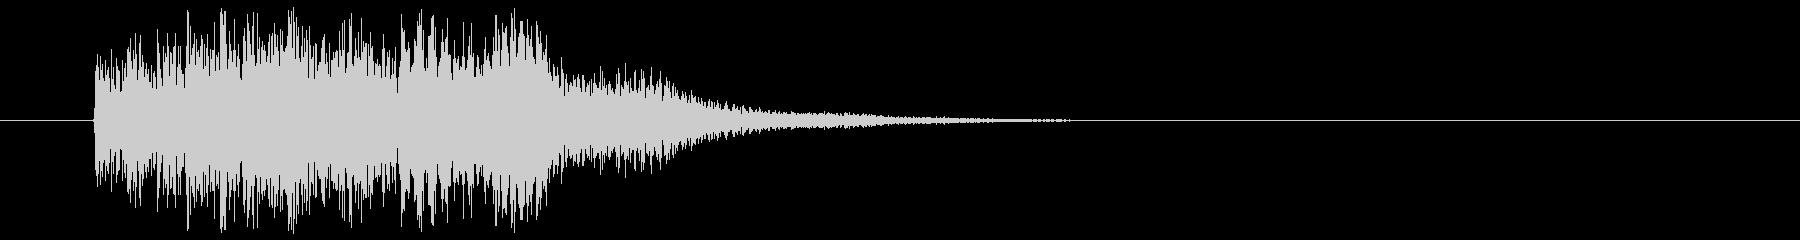 和風_場面展開の未再生の波形